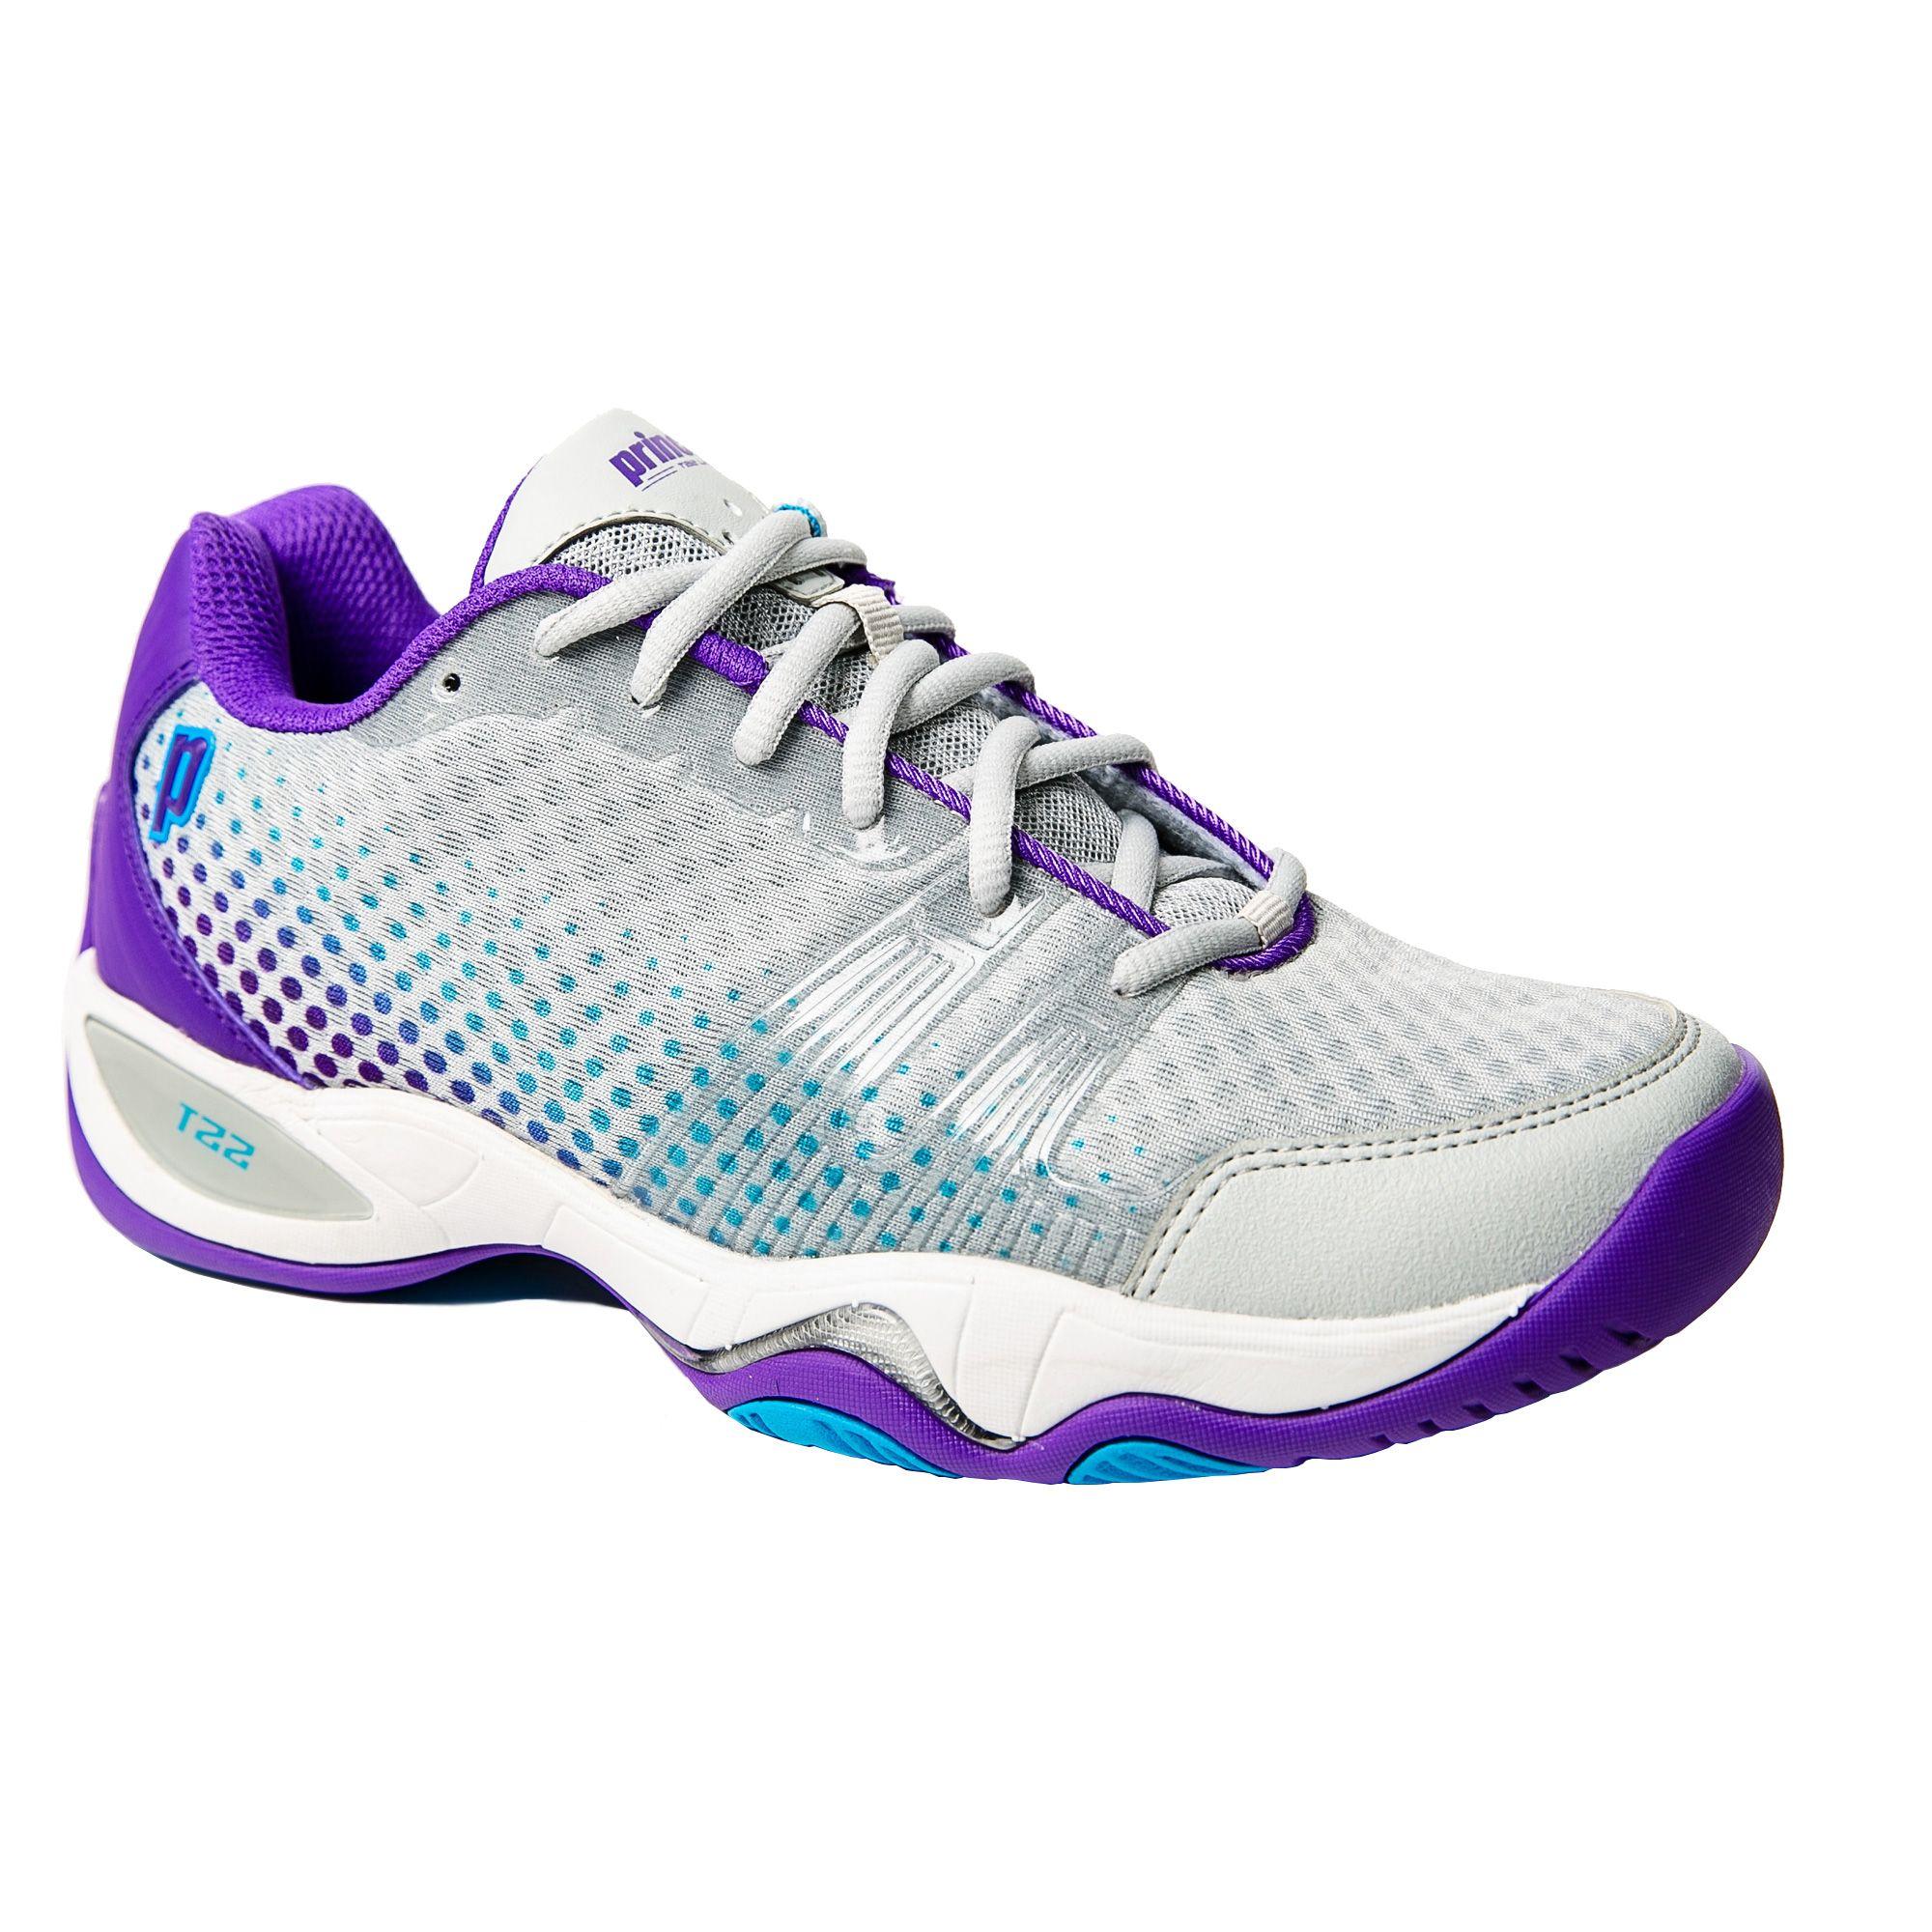 Prince Squash Shoes Size